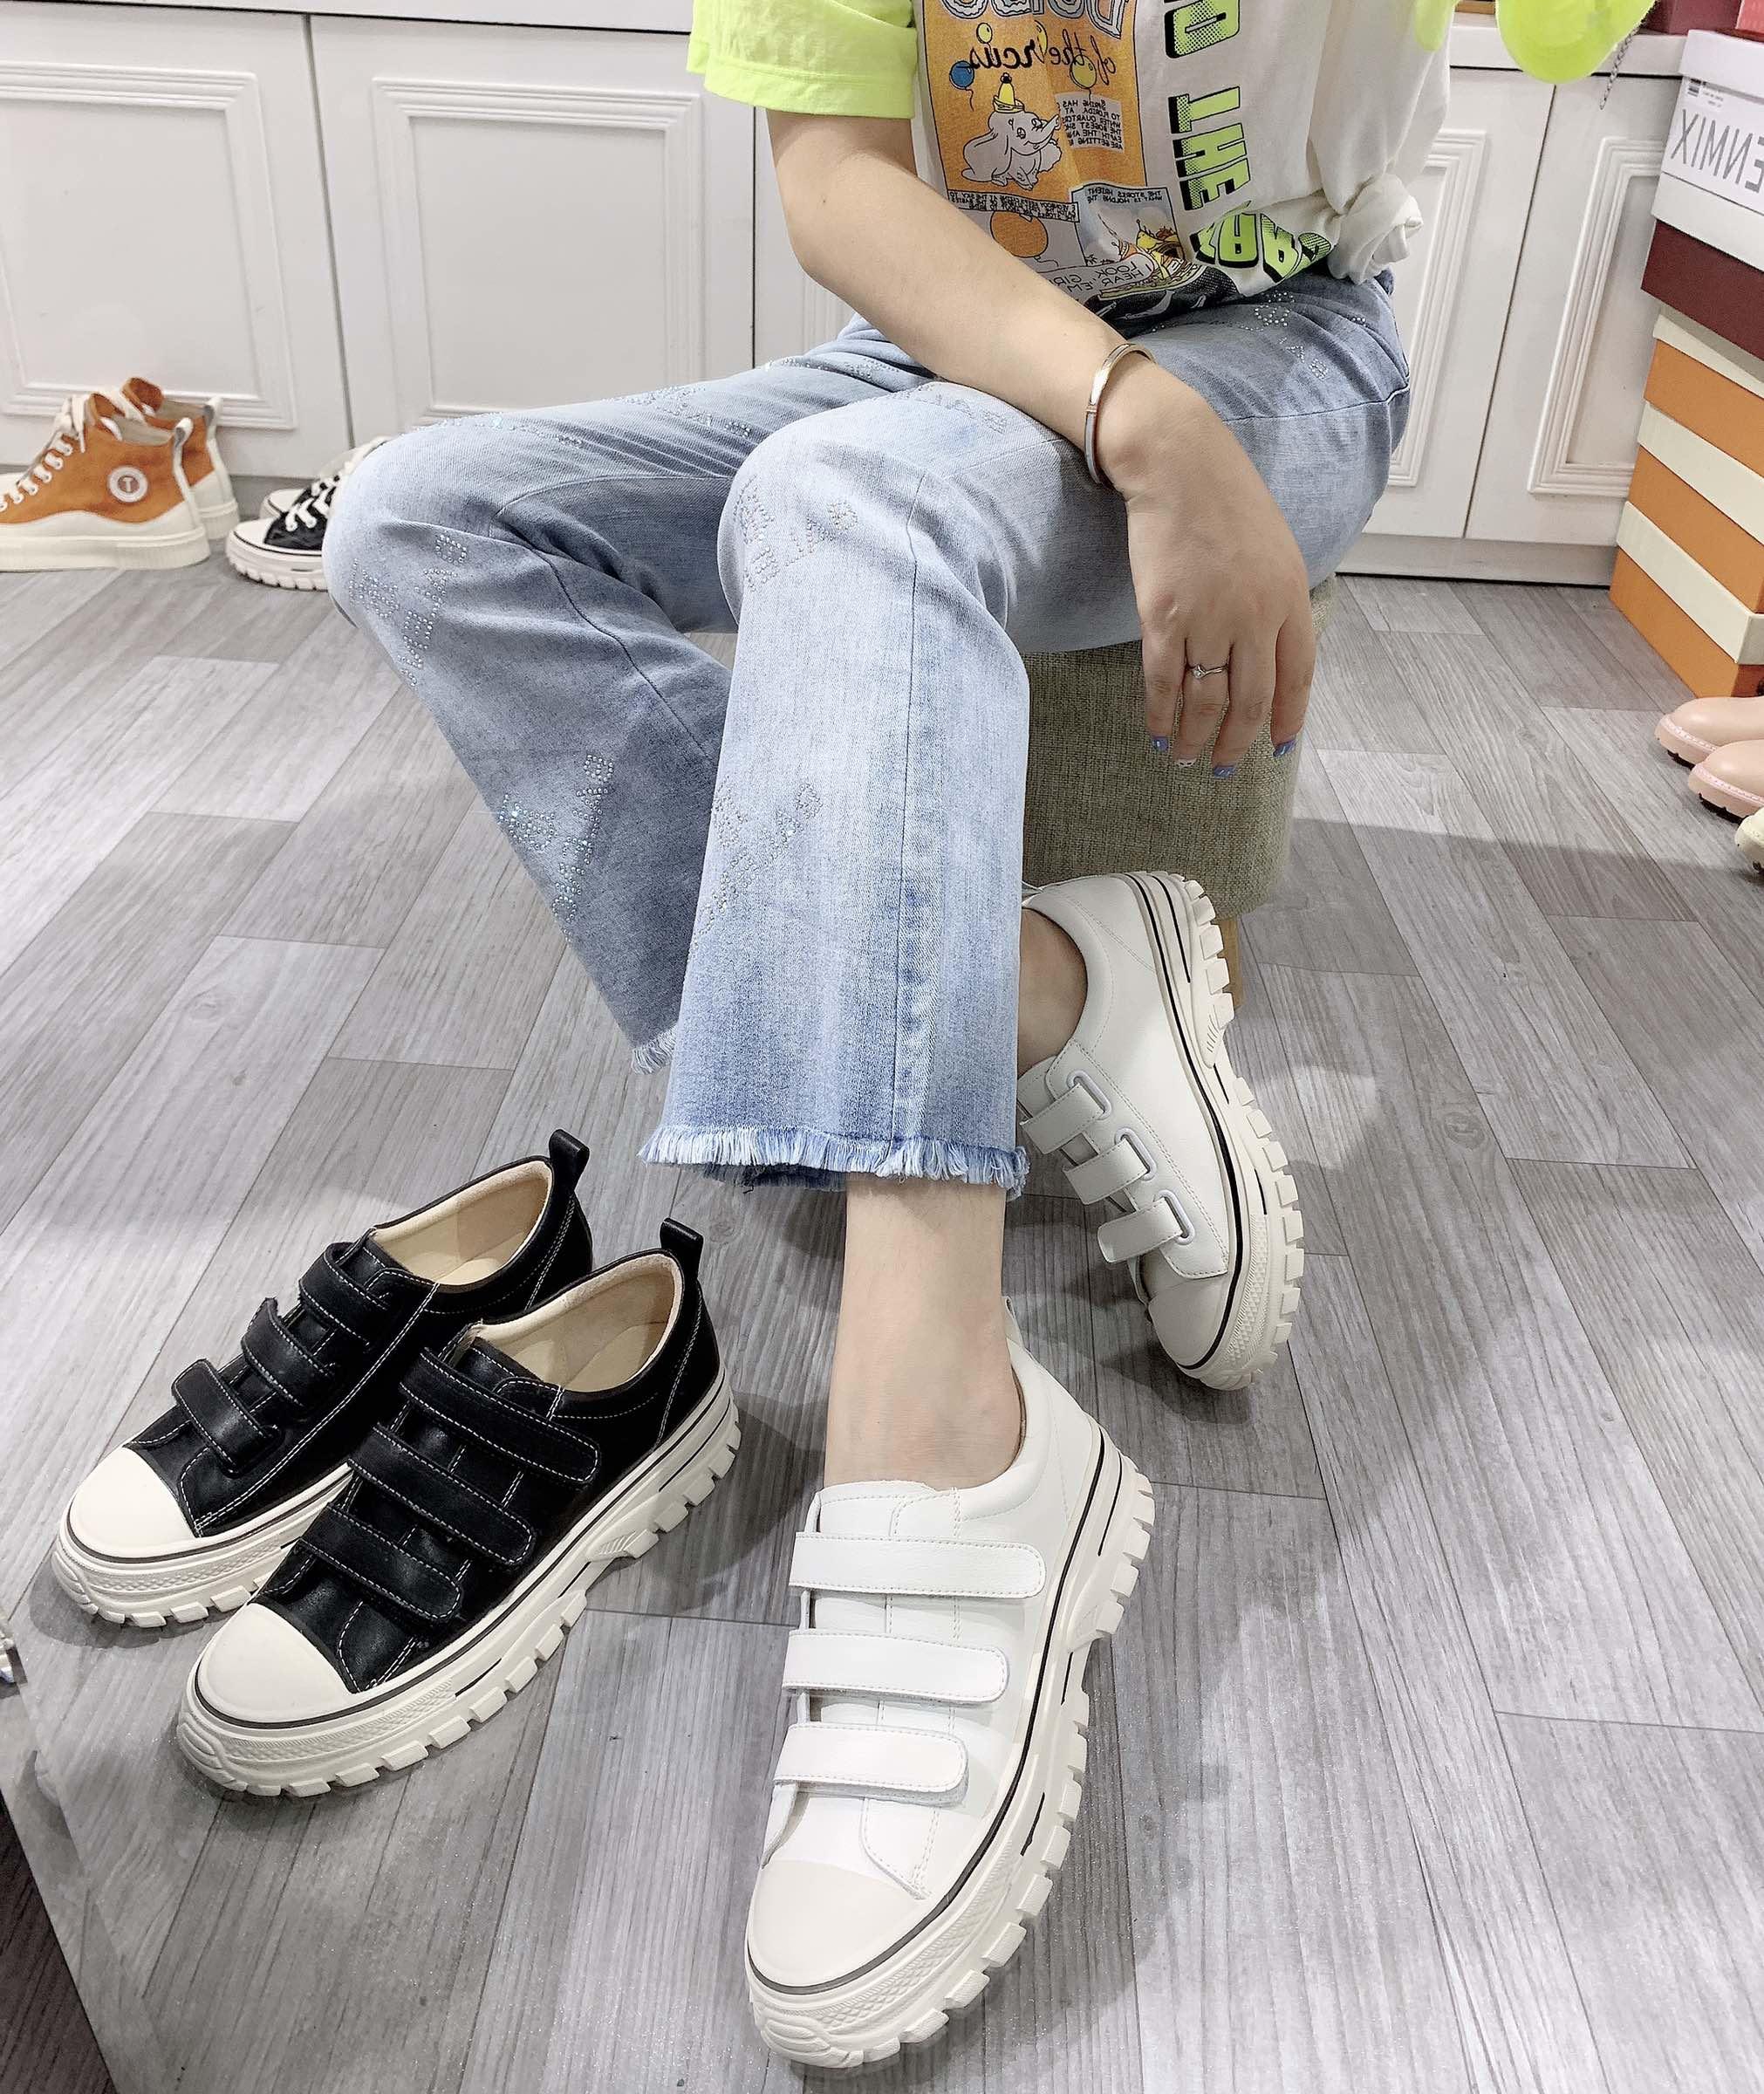 电影601 秋季牛皮休闲厚底增高魔术贴系带女鞋 2019 小白鞋专柜正品 INS